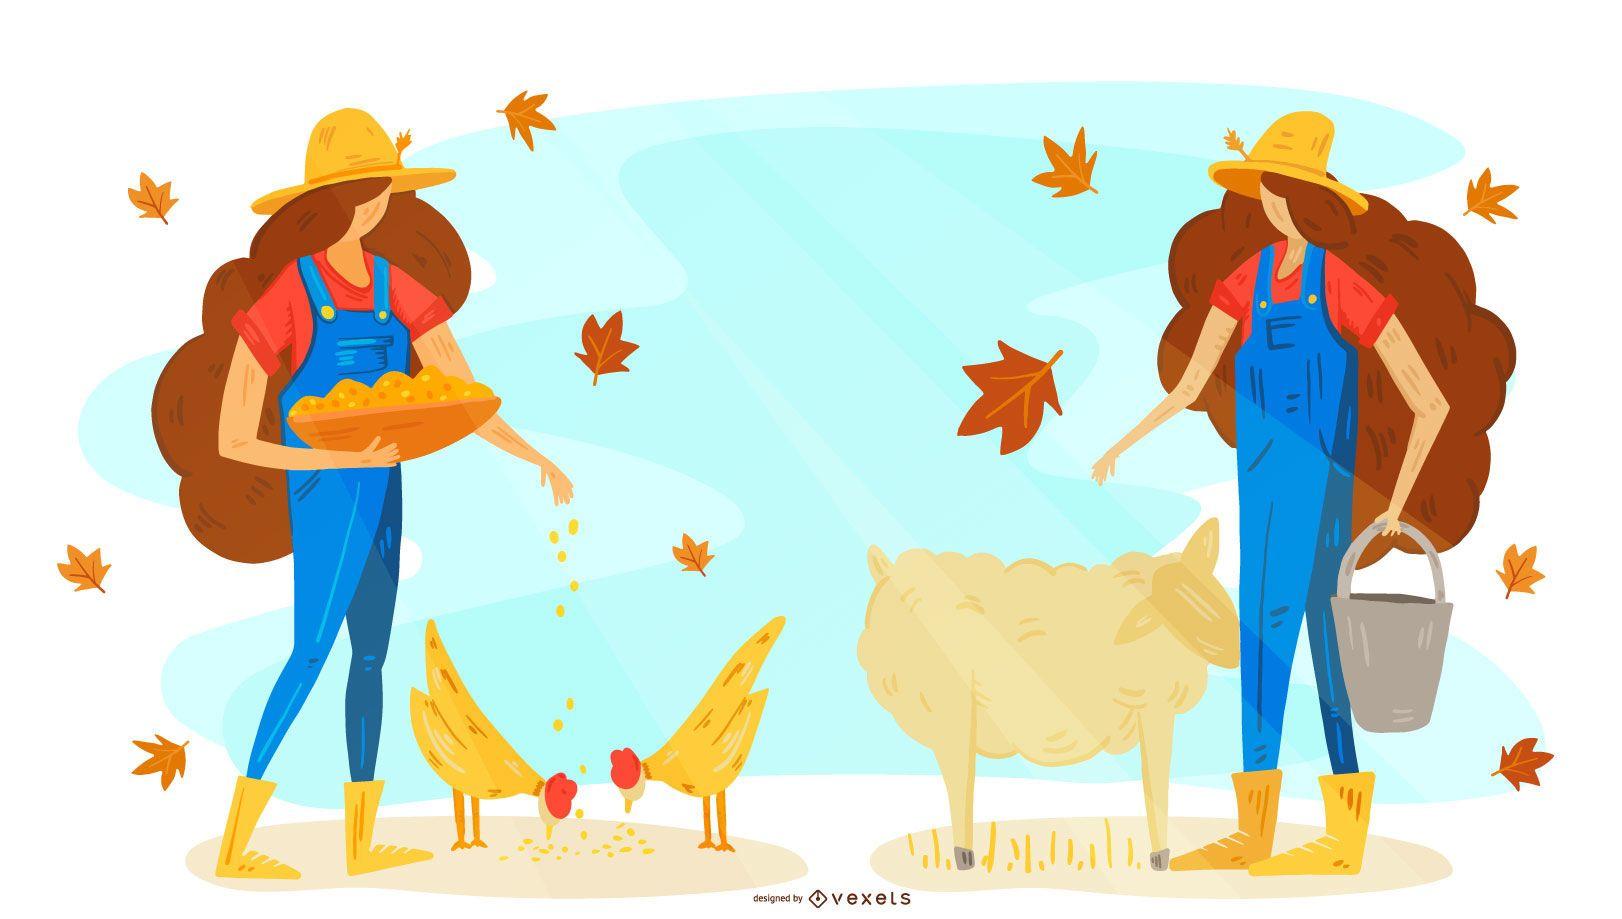 Farmer animals illustration design